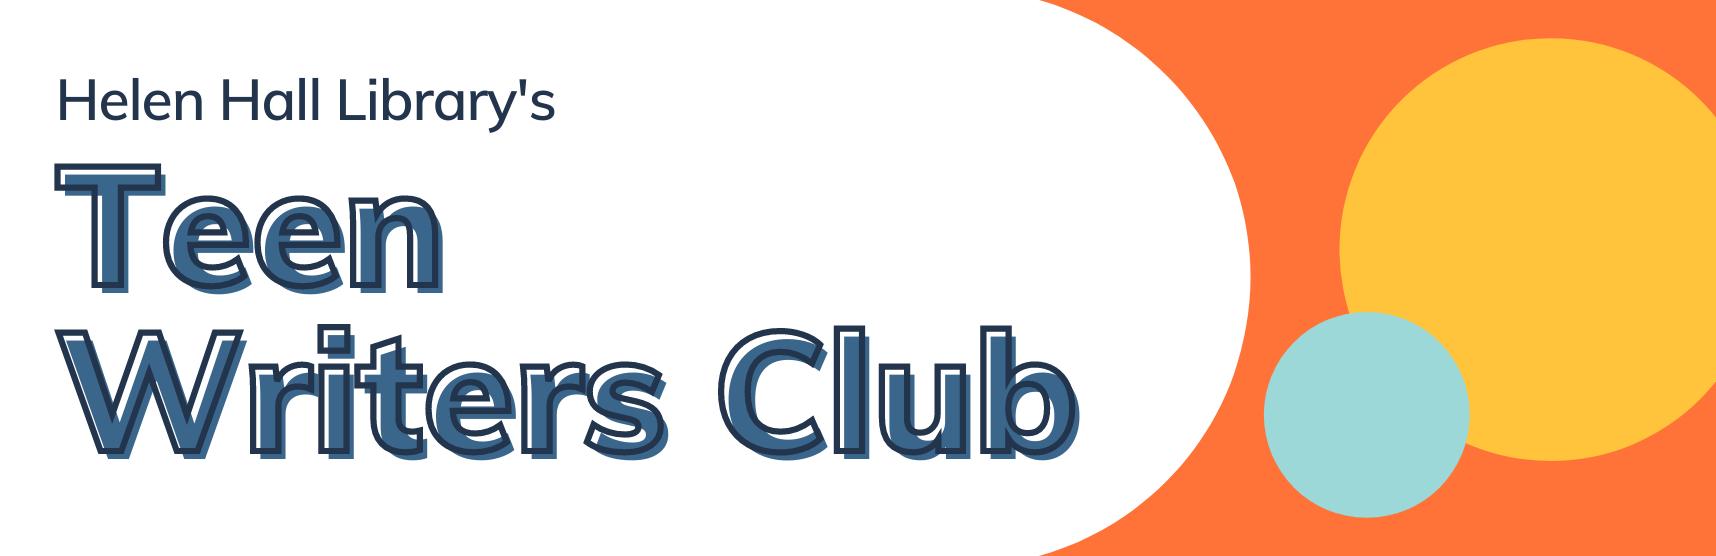 Teen Writers Club